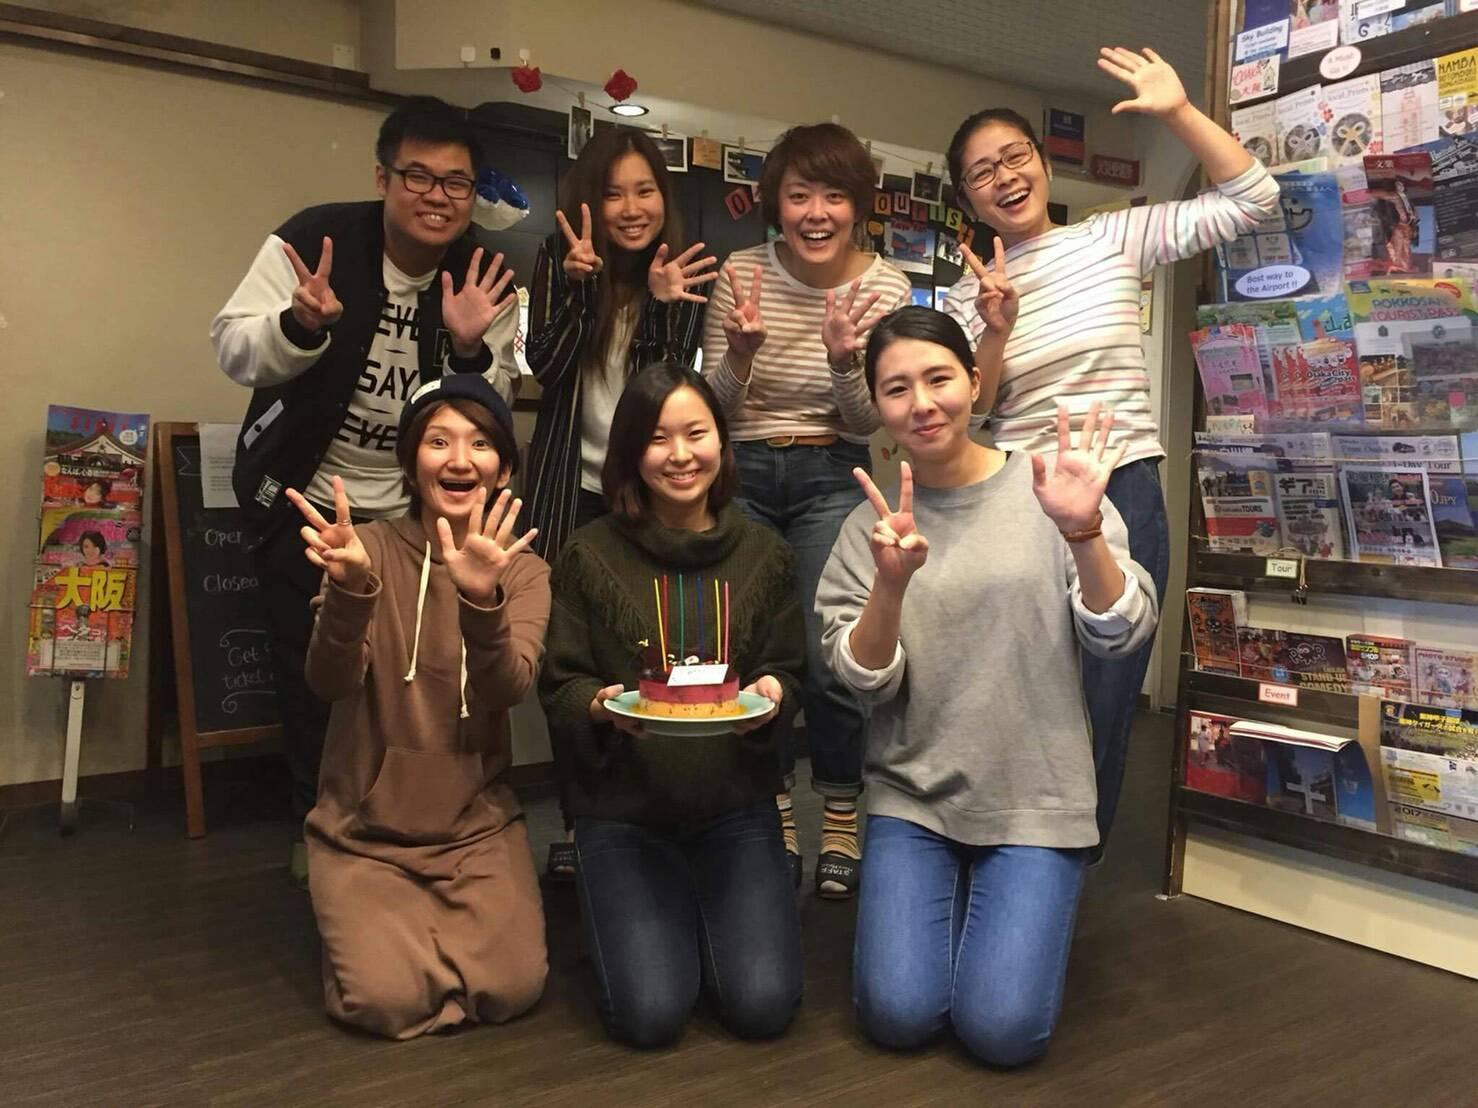 |大阪|ゲストハウス|【友だちと一緒に応募可】住込みスタッフ専用部屋だから友だちができる&街ナカだから仕事が見つけやすい♪